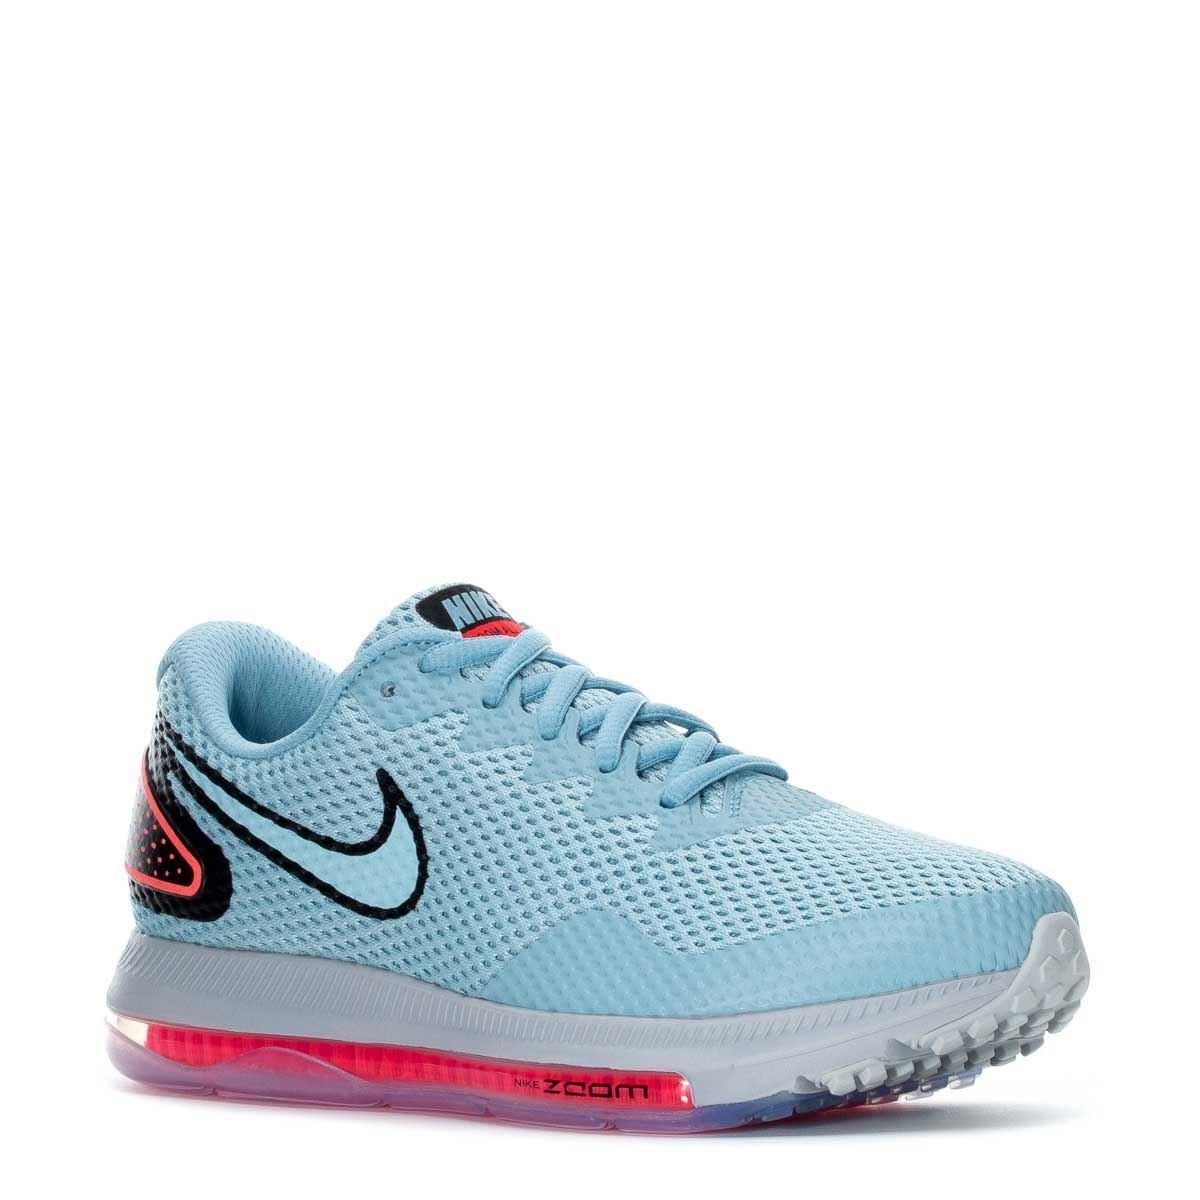 Nike bajo Zoom todos bajo Nike 2 Nuevo Para mujeres AJ0036 401 Ocean Azul Zapatillas. befa65